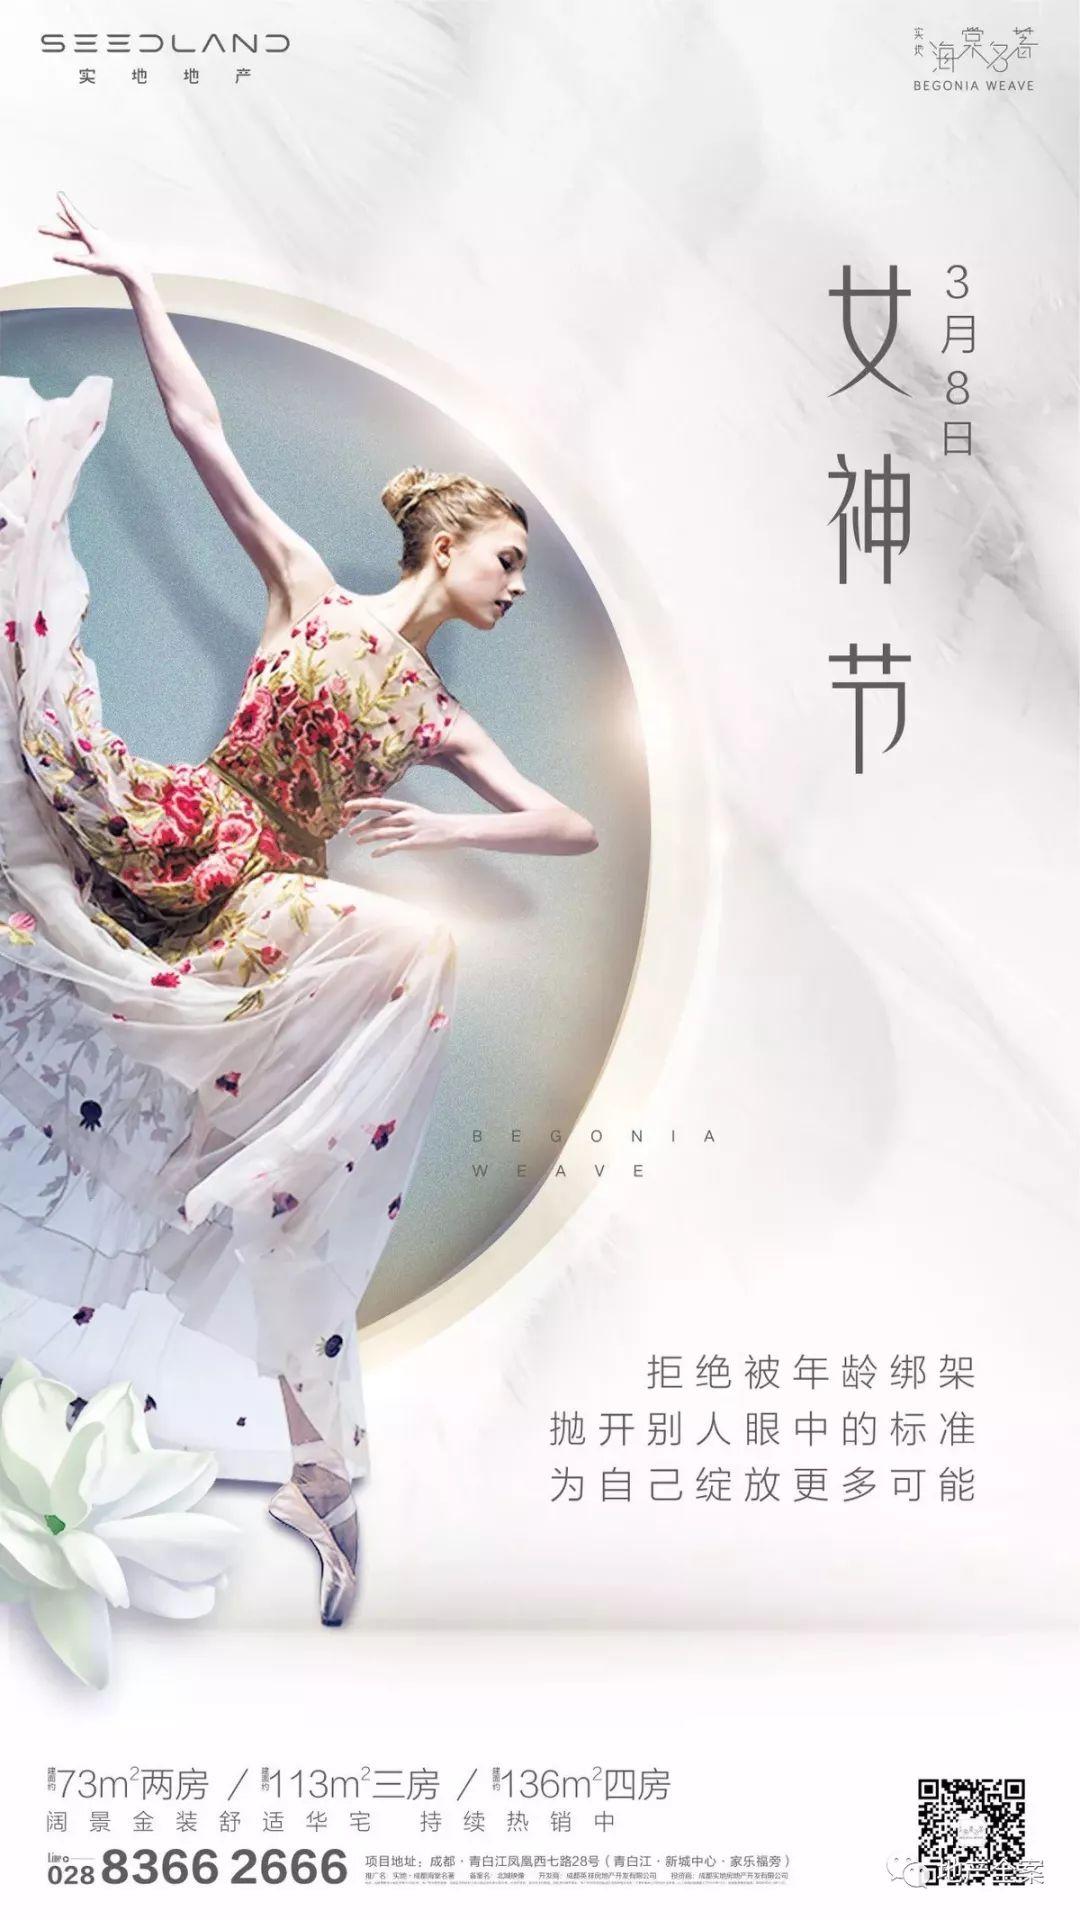 三八女神节地产借势营销海报